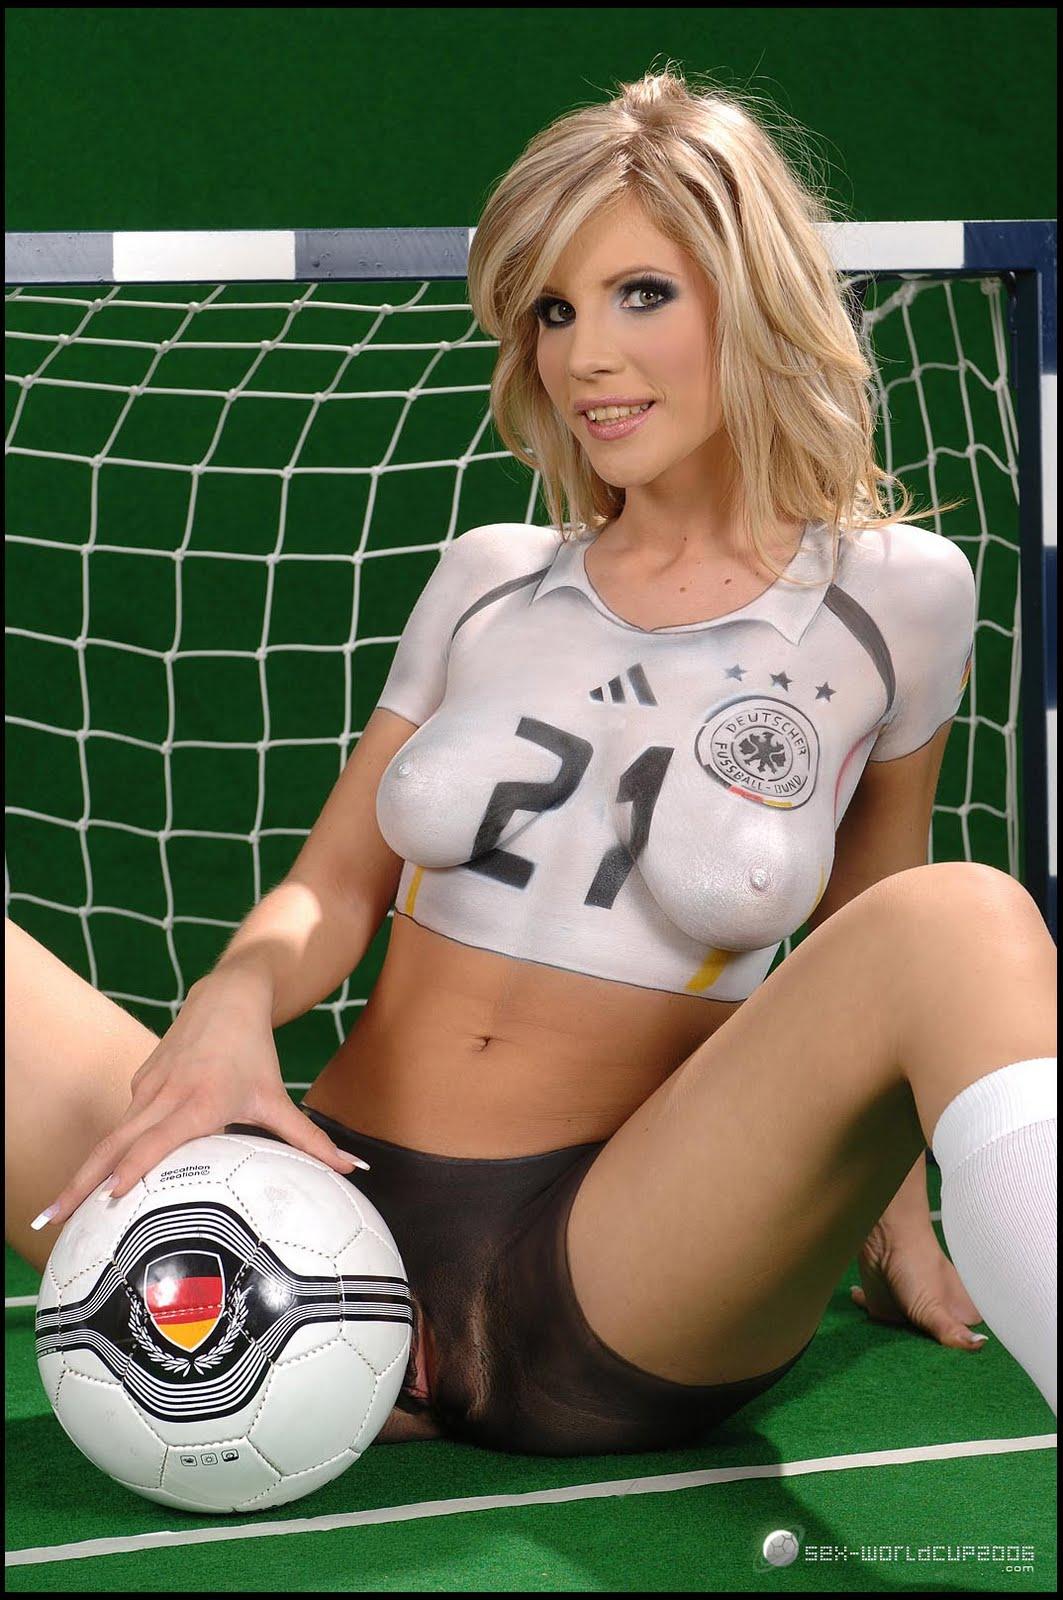 xxx nude sports women